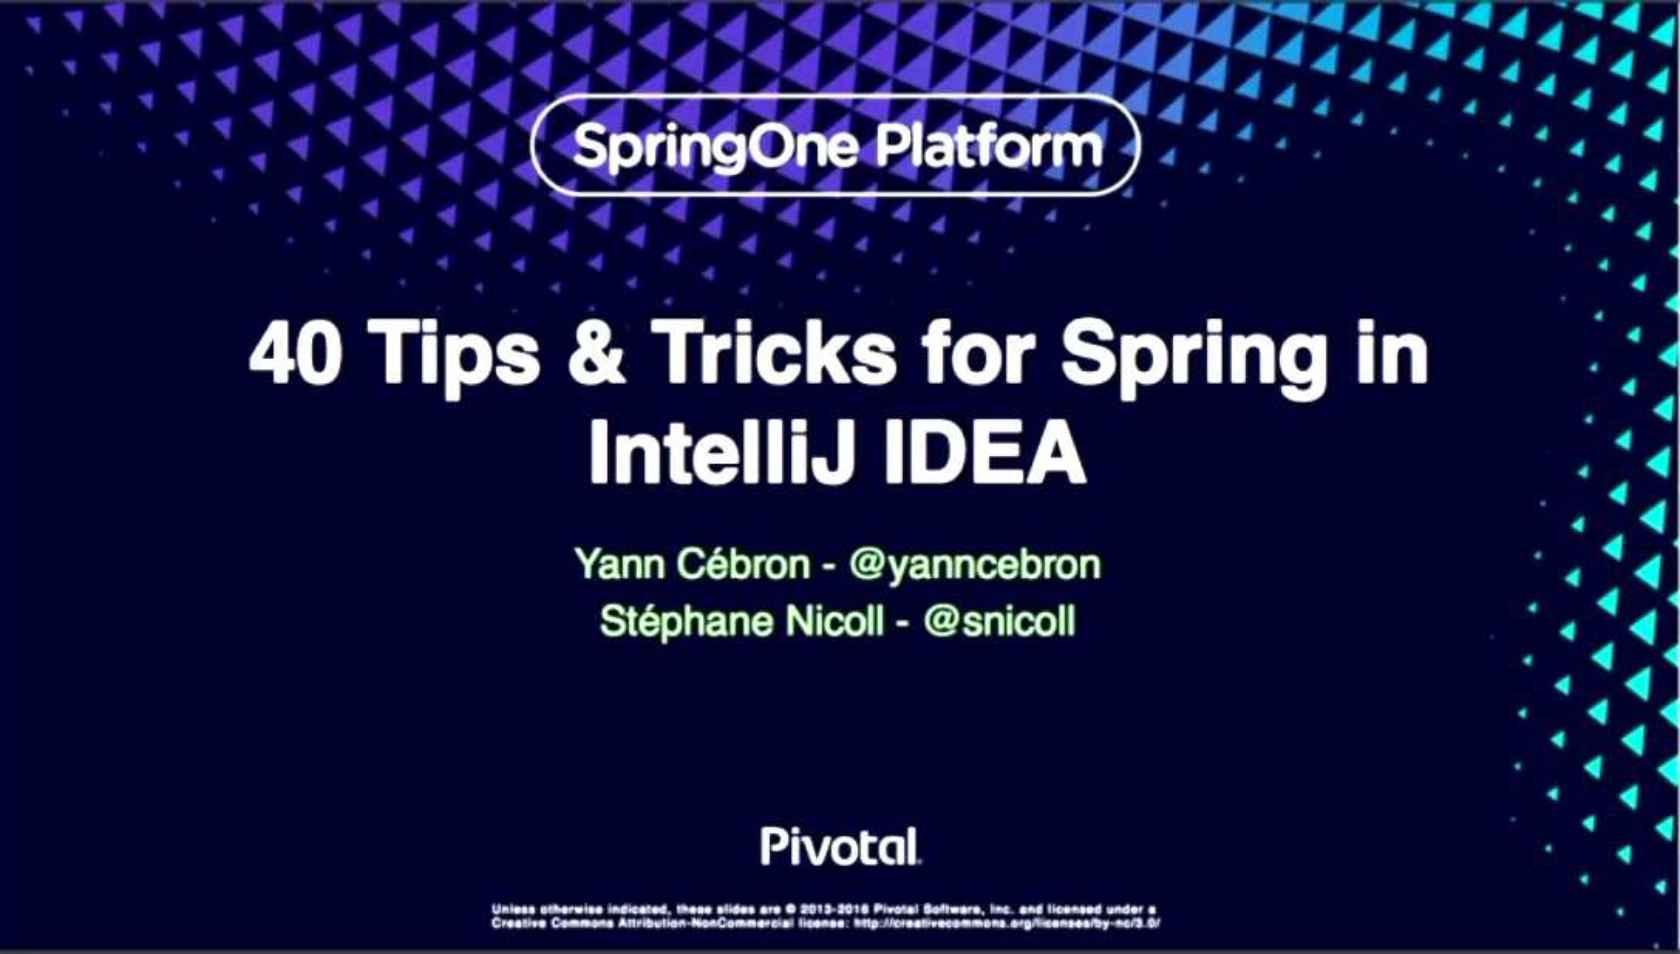 40 Tips & Tricks for Spring in IntelliJ IDEA